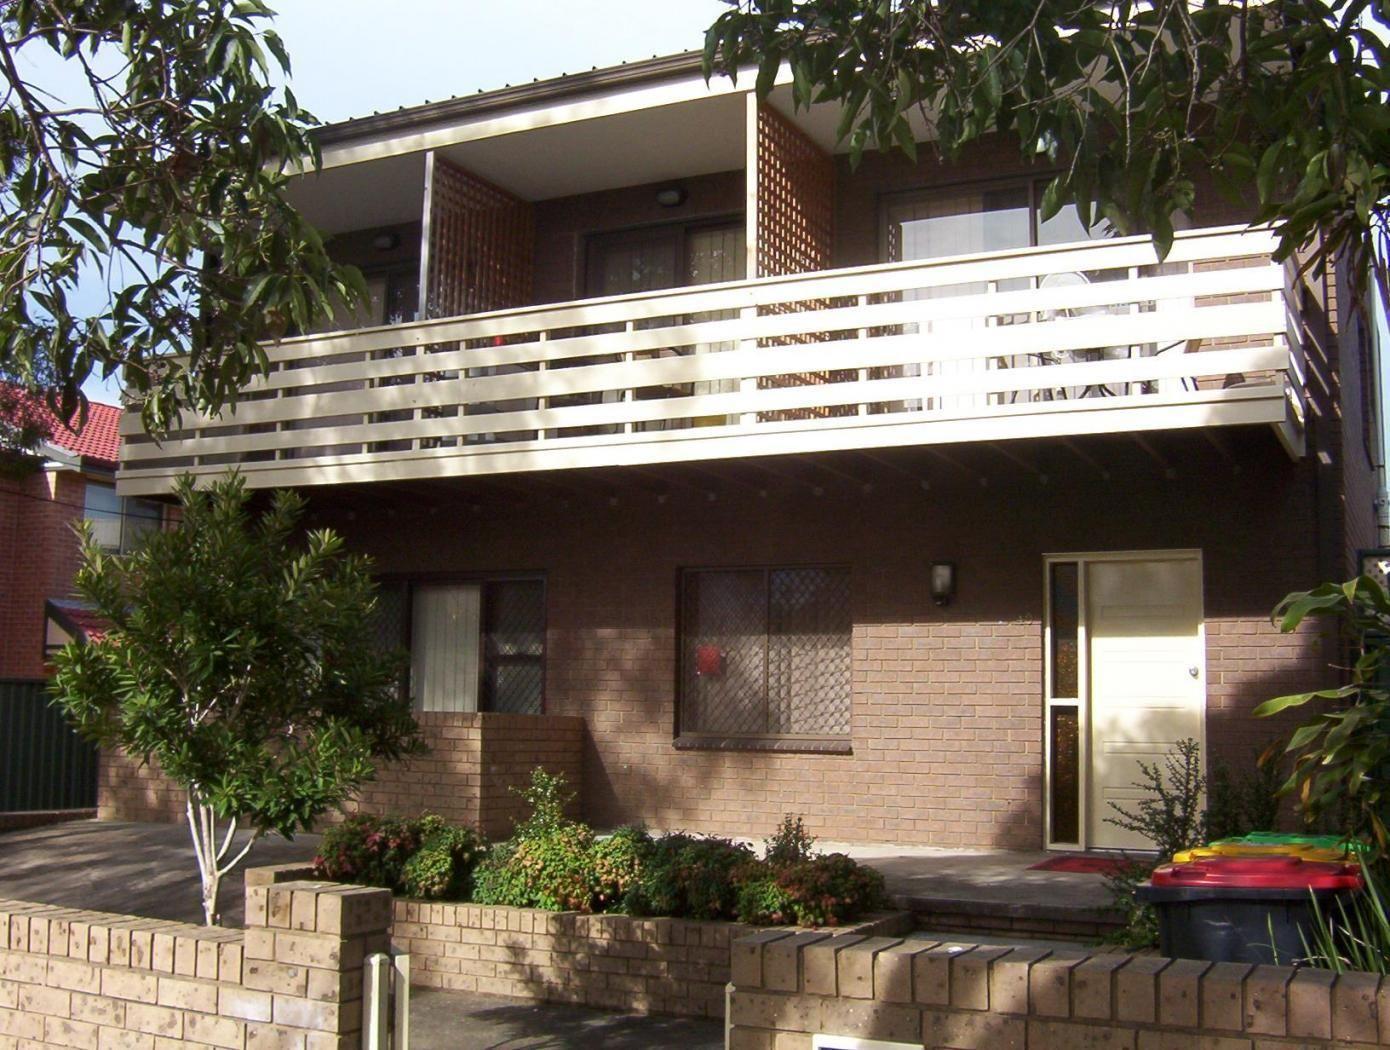 3/40 Campsie Street, Campsie NSW 2194, Image 1